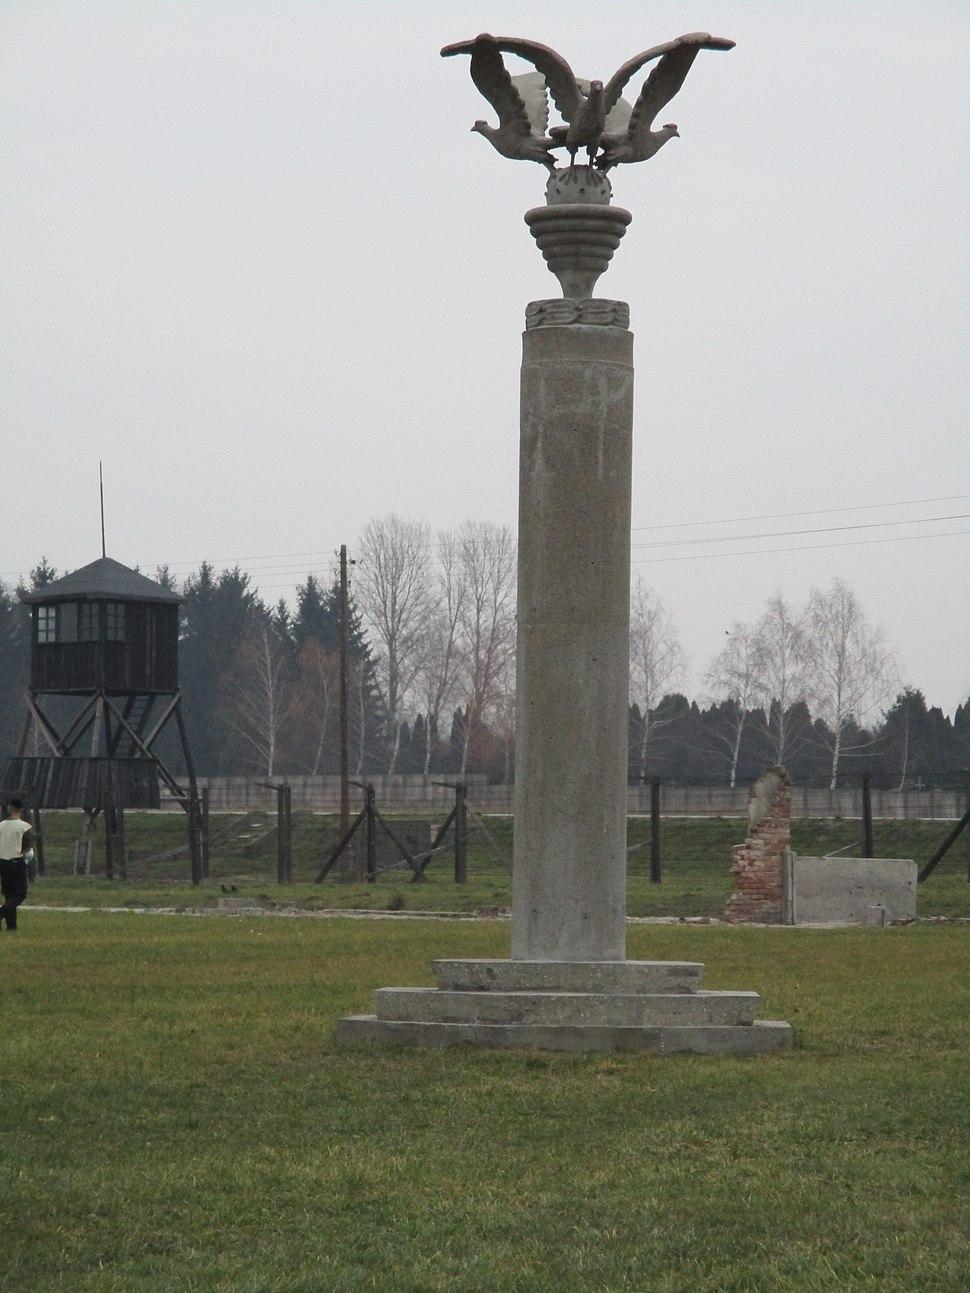 מיידנק, אנדרטה עם שלושה נשרים (1)